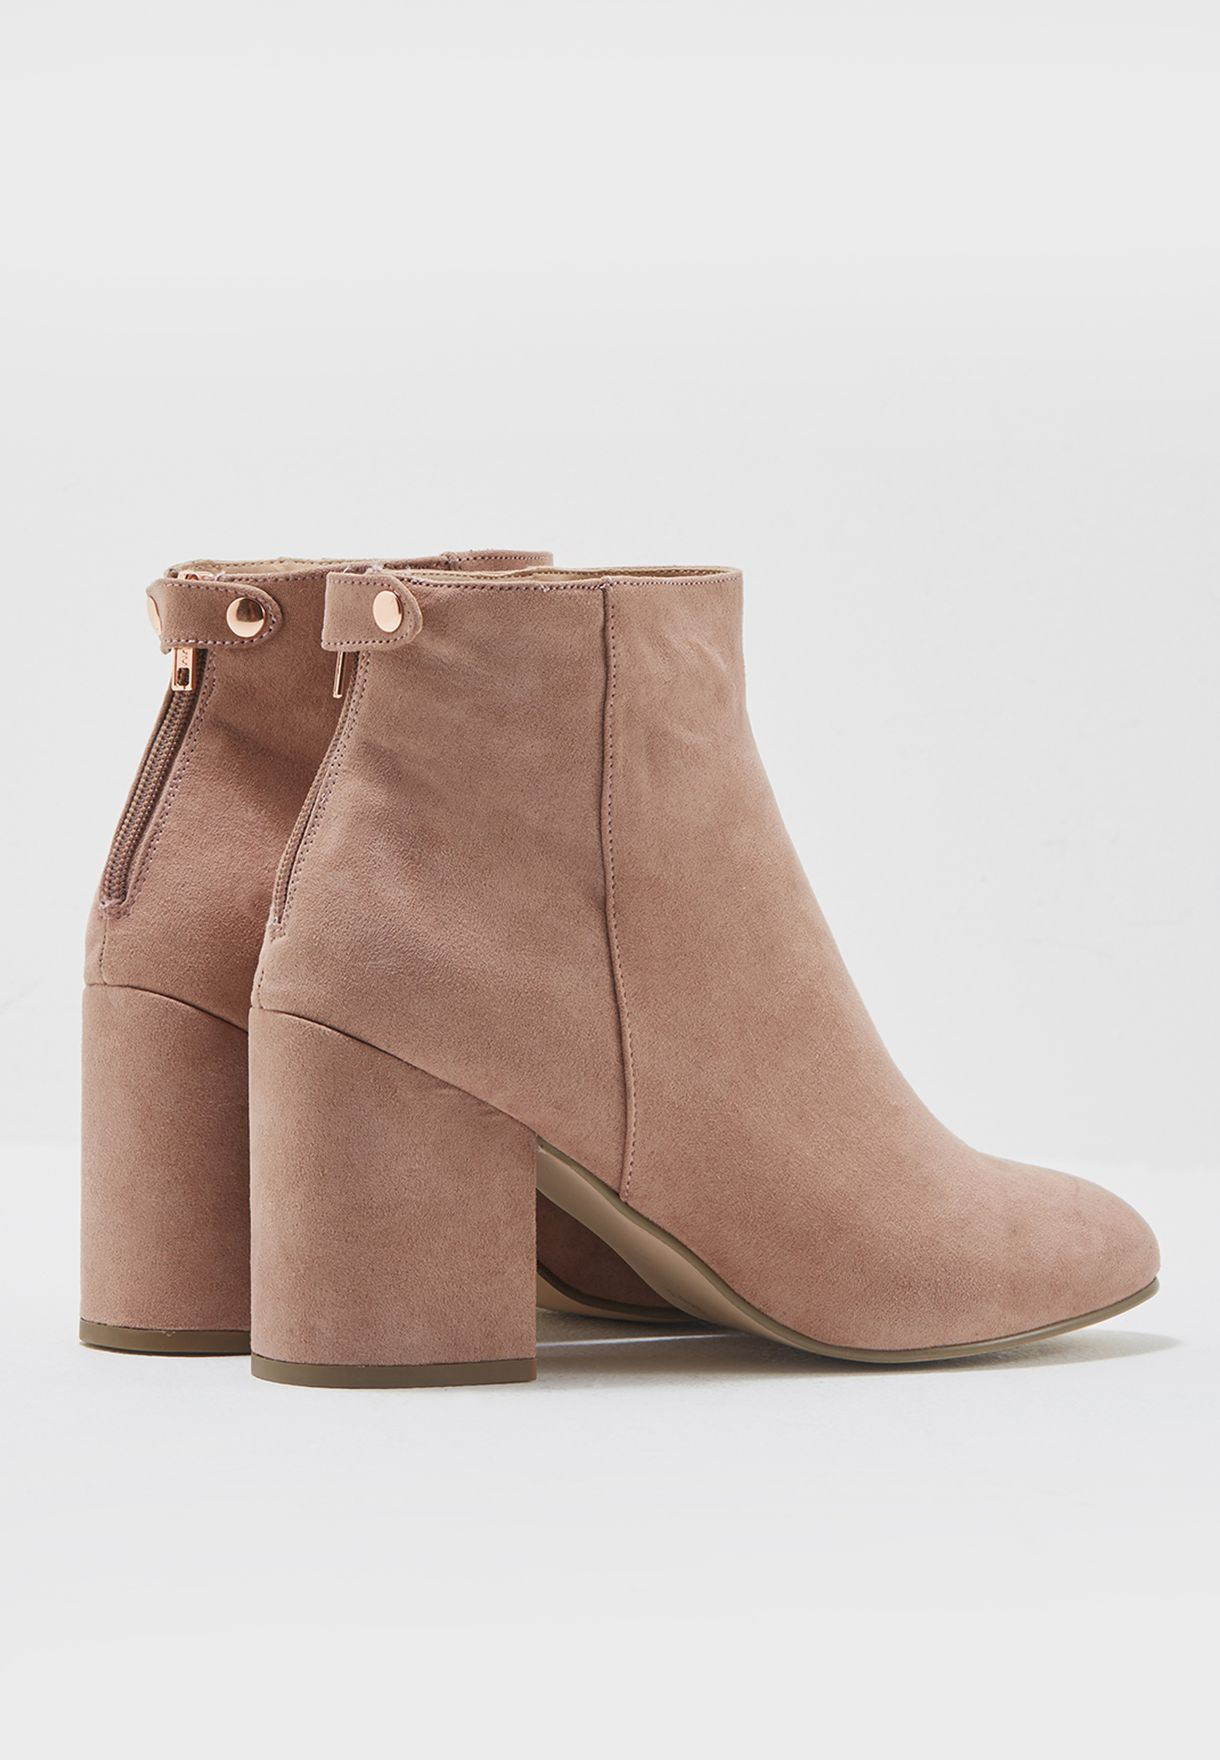 Mariah Boots